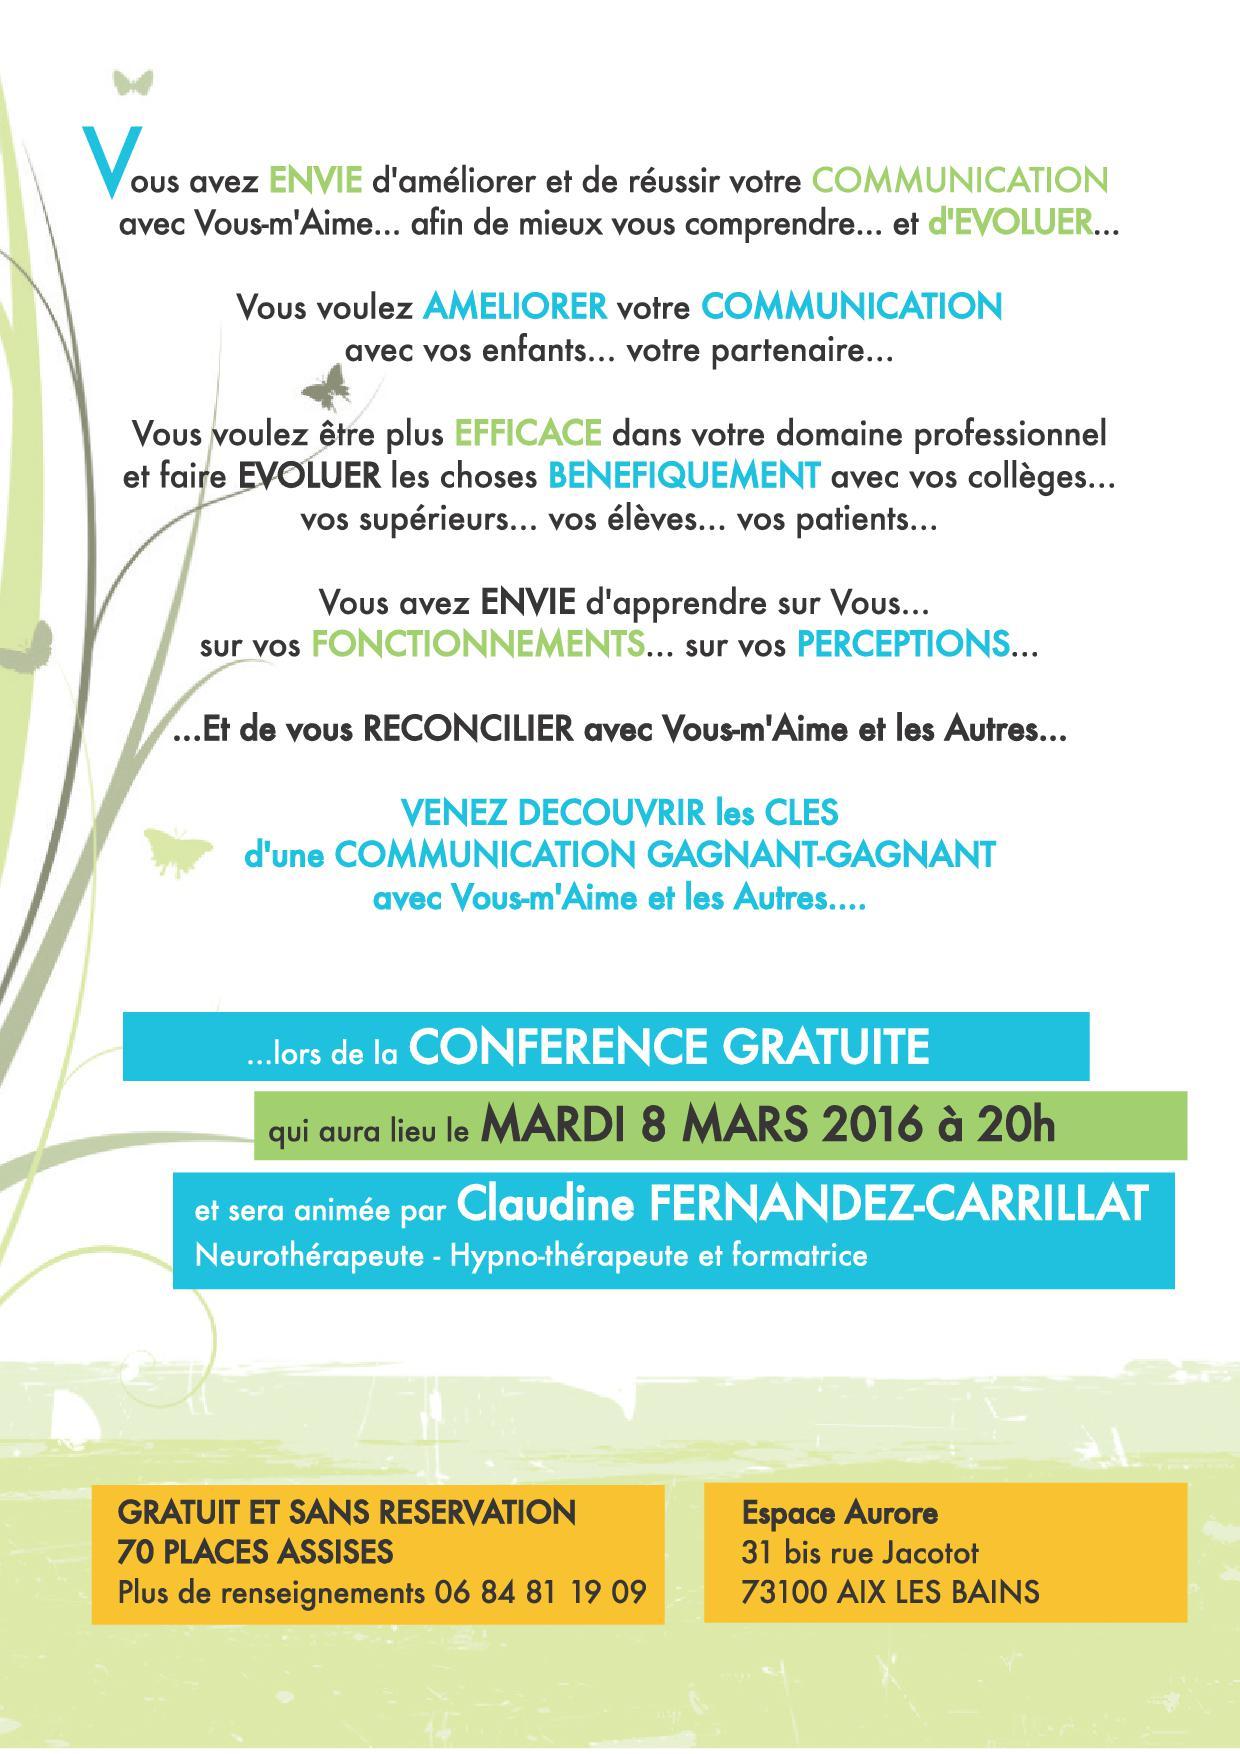 Affiche conference PNL Espace Aurore 8 MARS 2016 - Copie